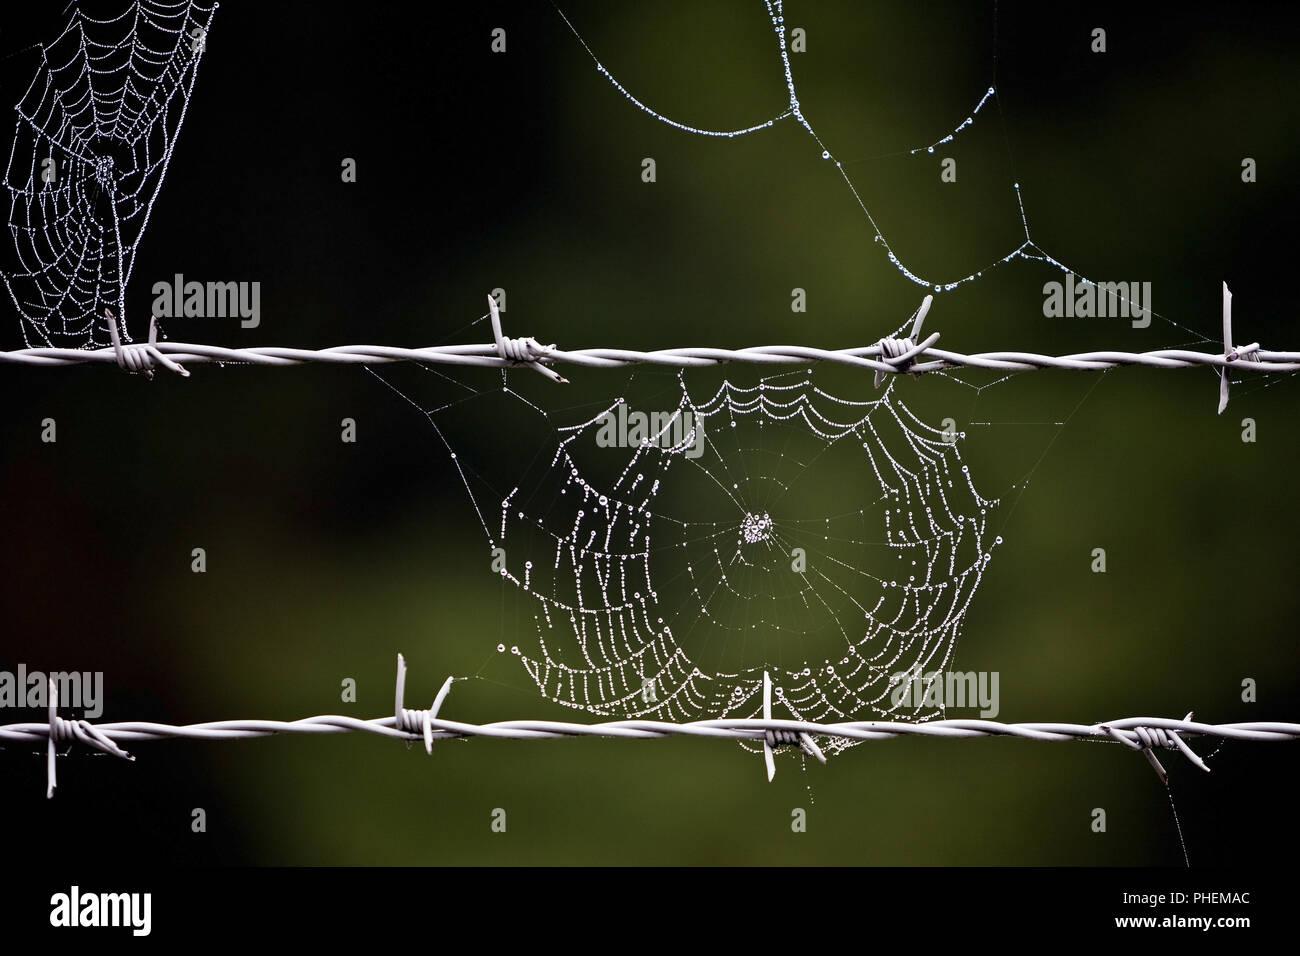 Filo spinato e spider web, Bruehl, Renania settentrionale-Vestfalia, Germania, Europa Immagini Stock